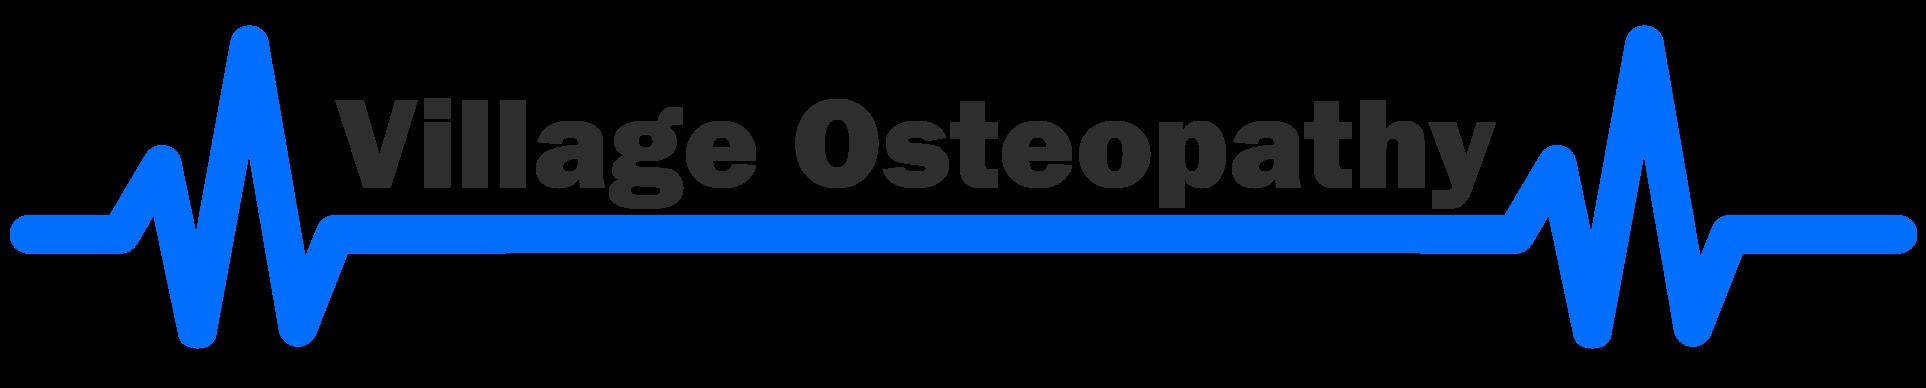 Village Osteopathy